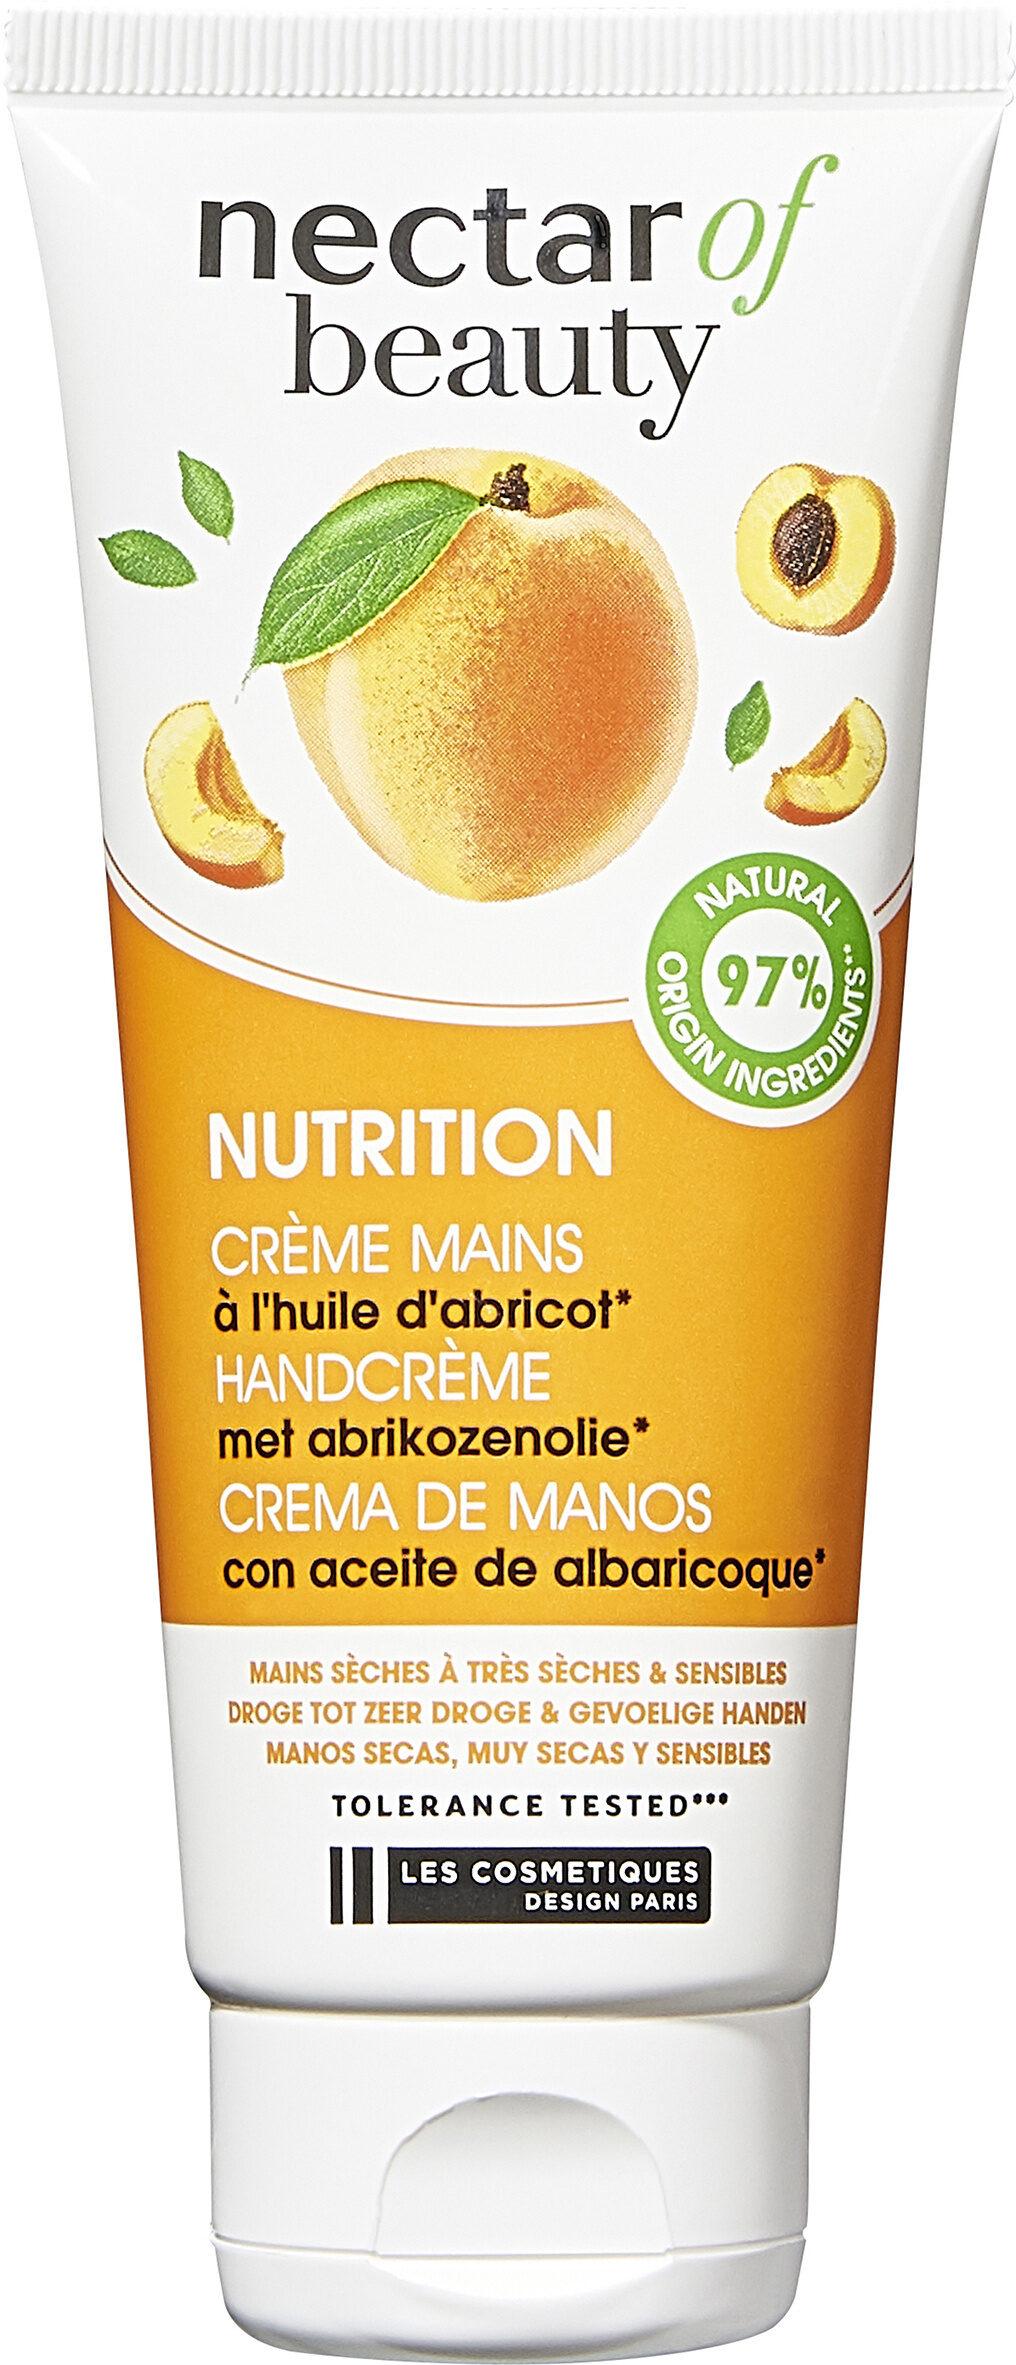 NUTRITION CRÈME MAINS à l'huile d'abricot - Product - fr